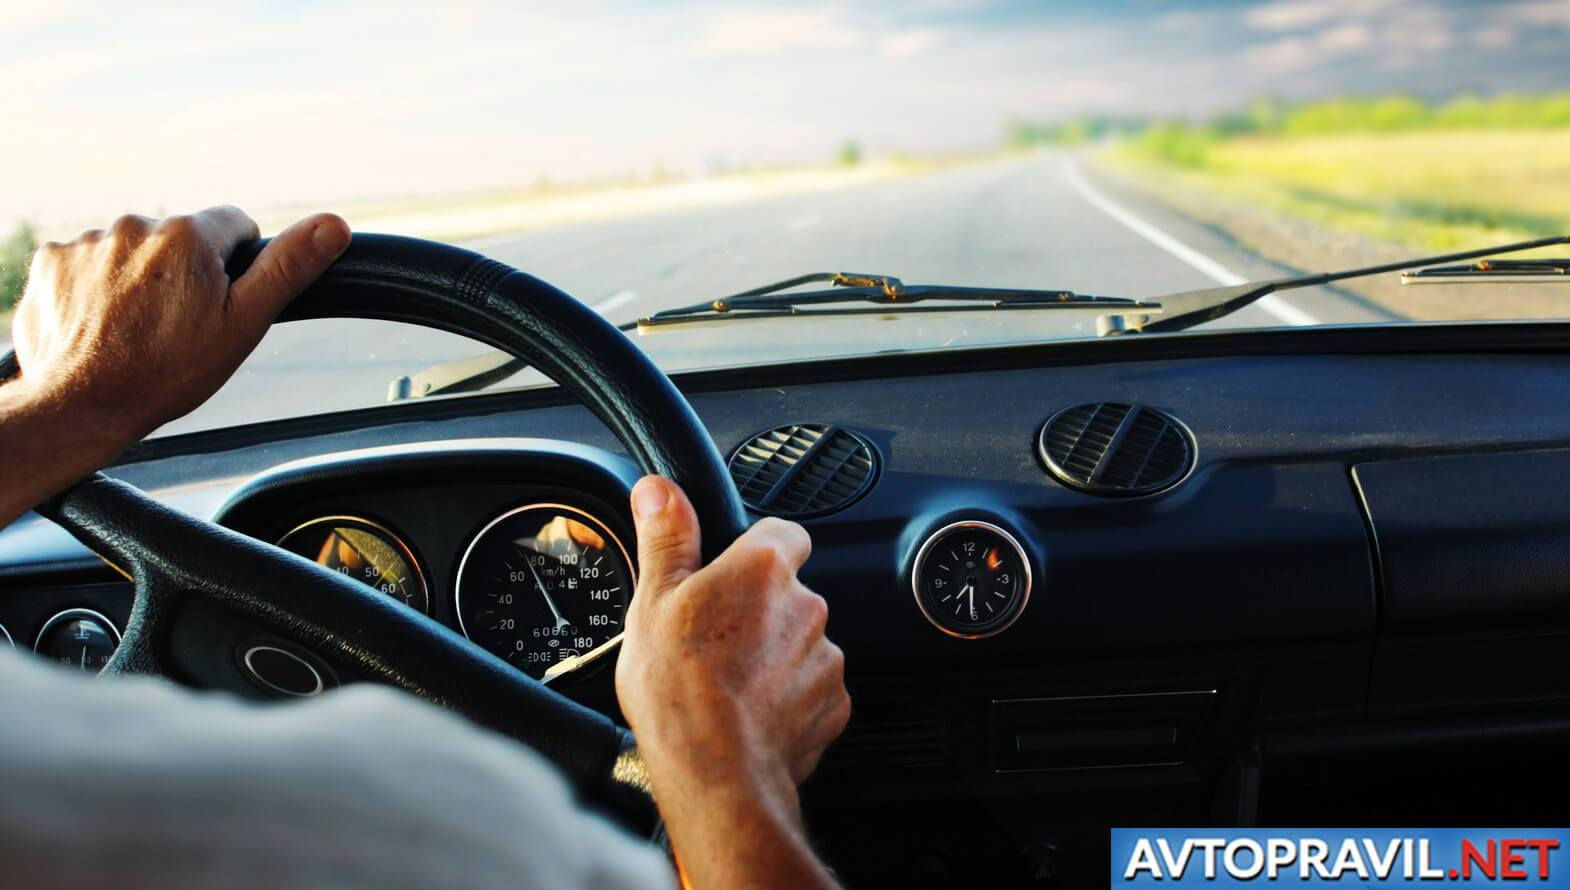 Мужские руки на руле авто